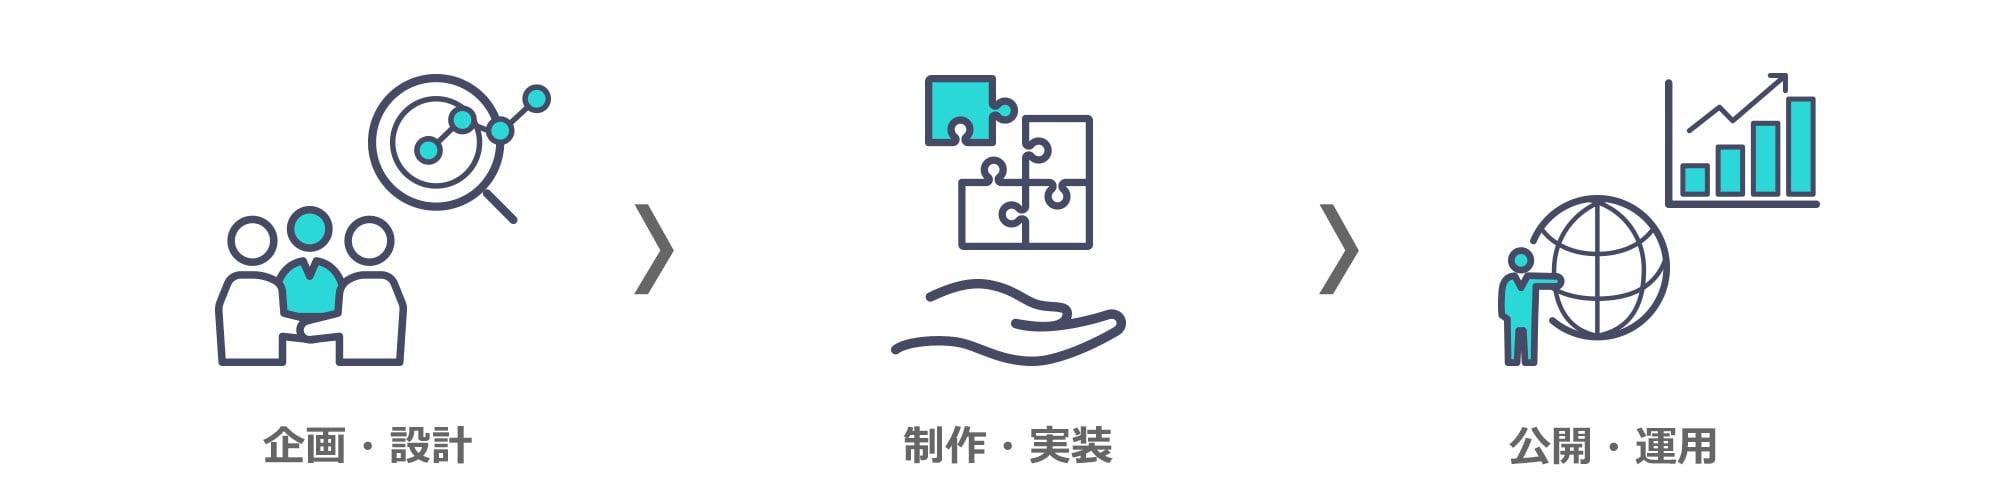 service_web_Flow